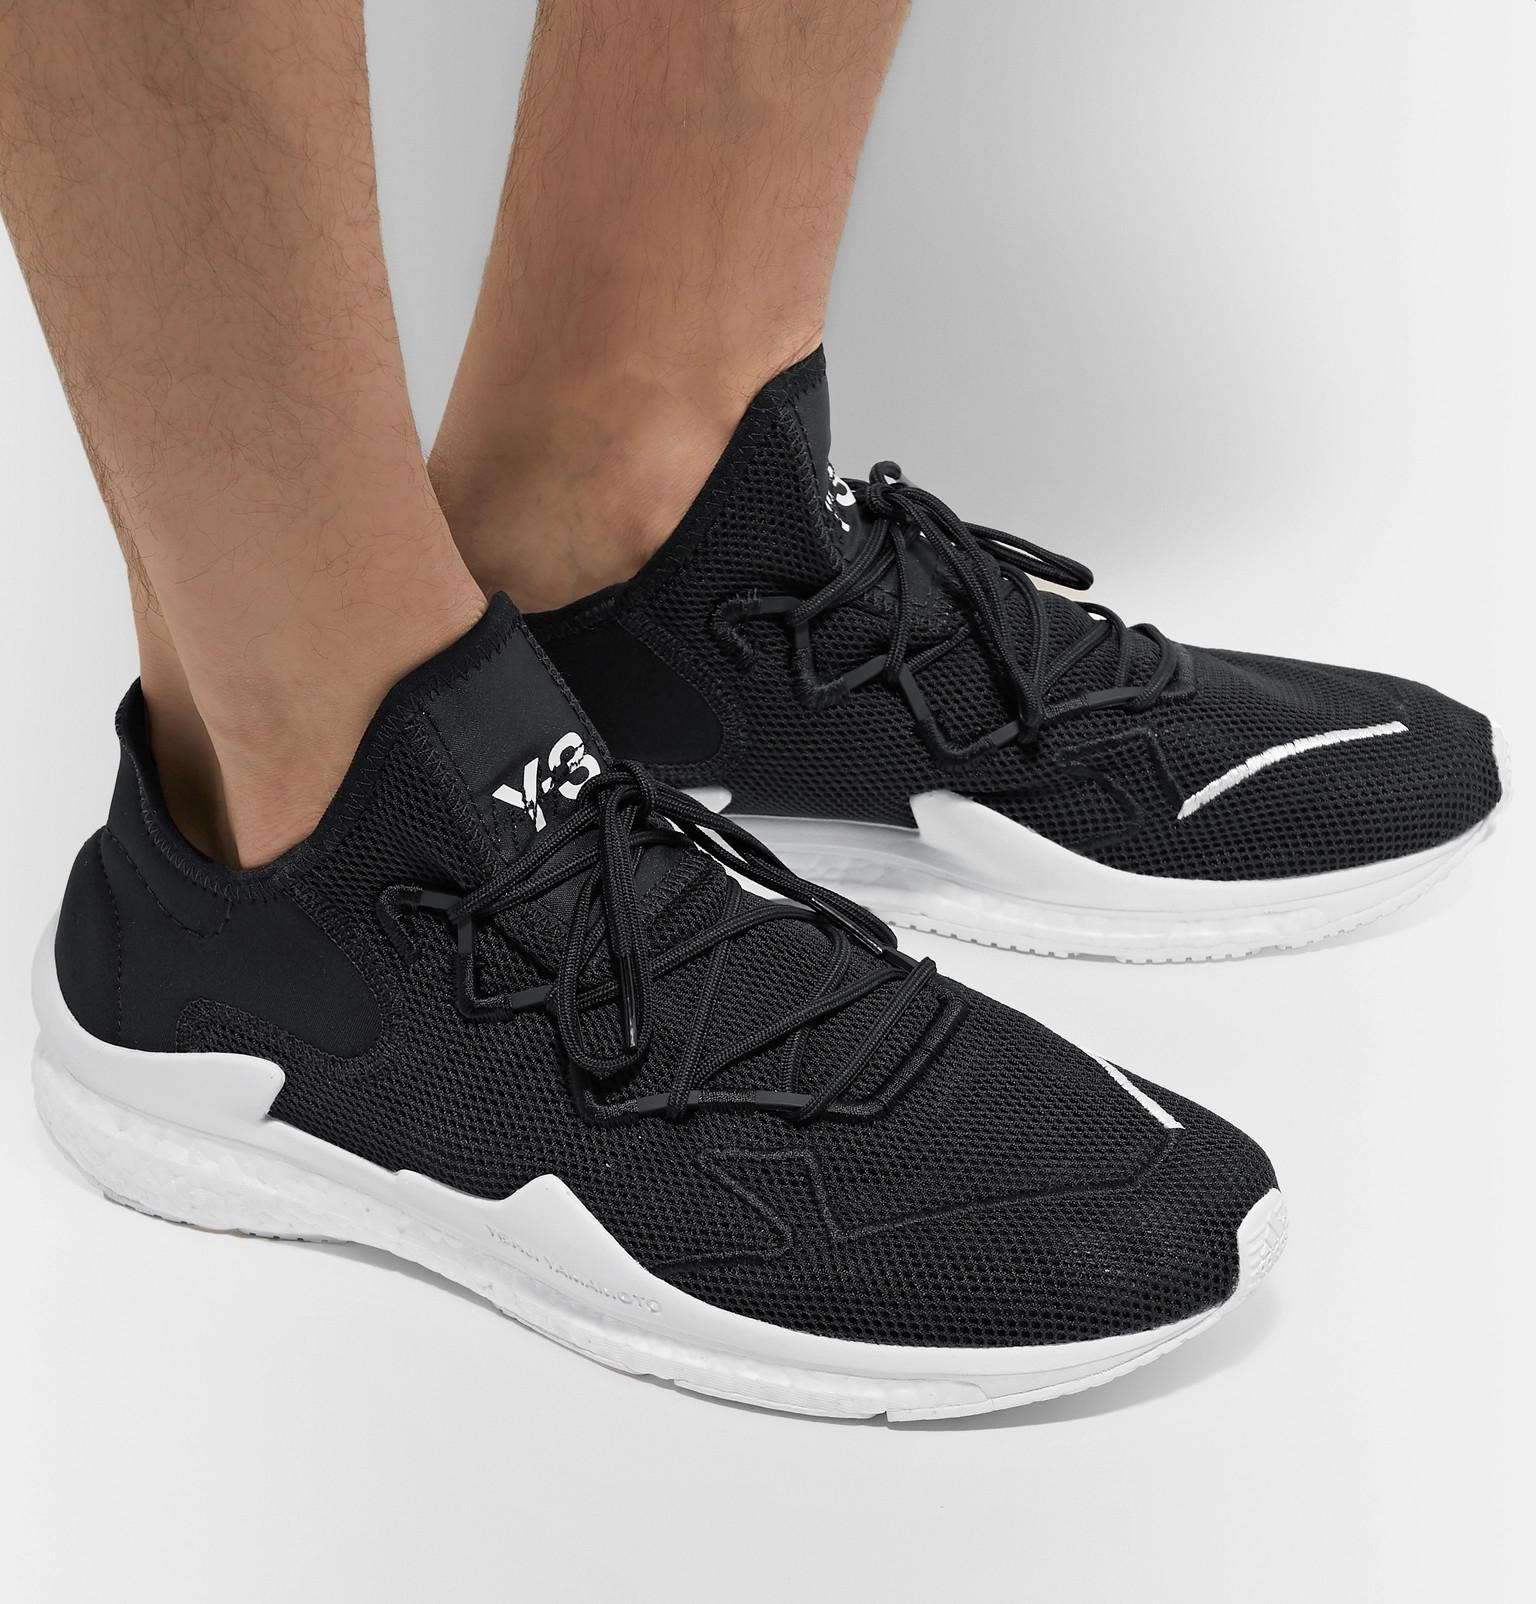 01b3b6040d922 Y-3 - Black Adizero Runner Neoprene-trimmed Mesh Sneakers for Men - Lyst.  View fullscreen